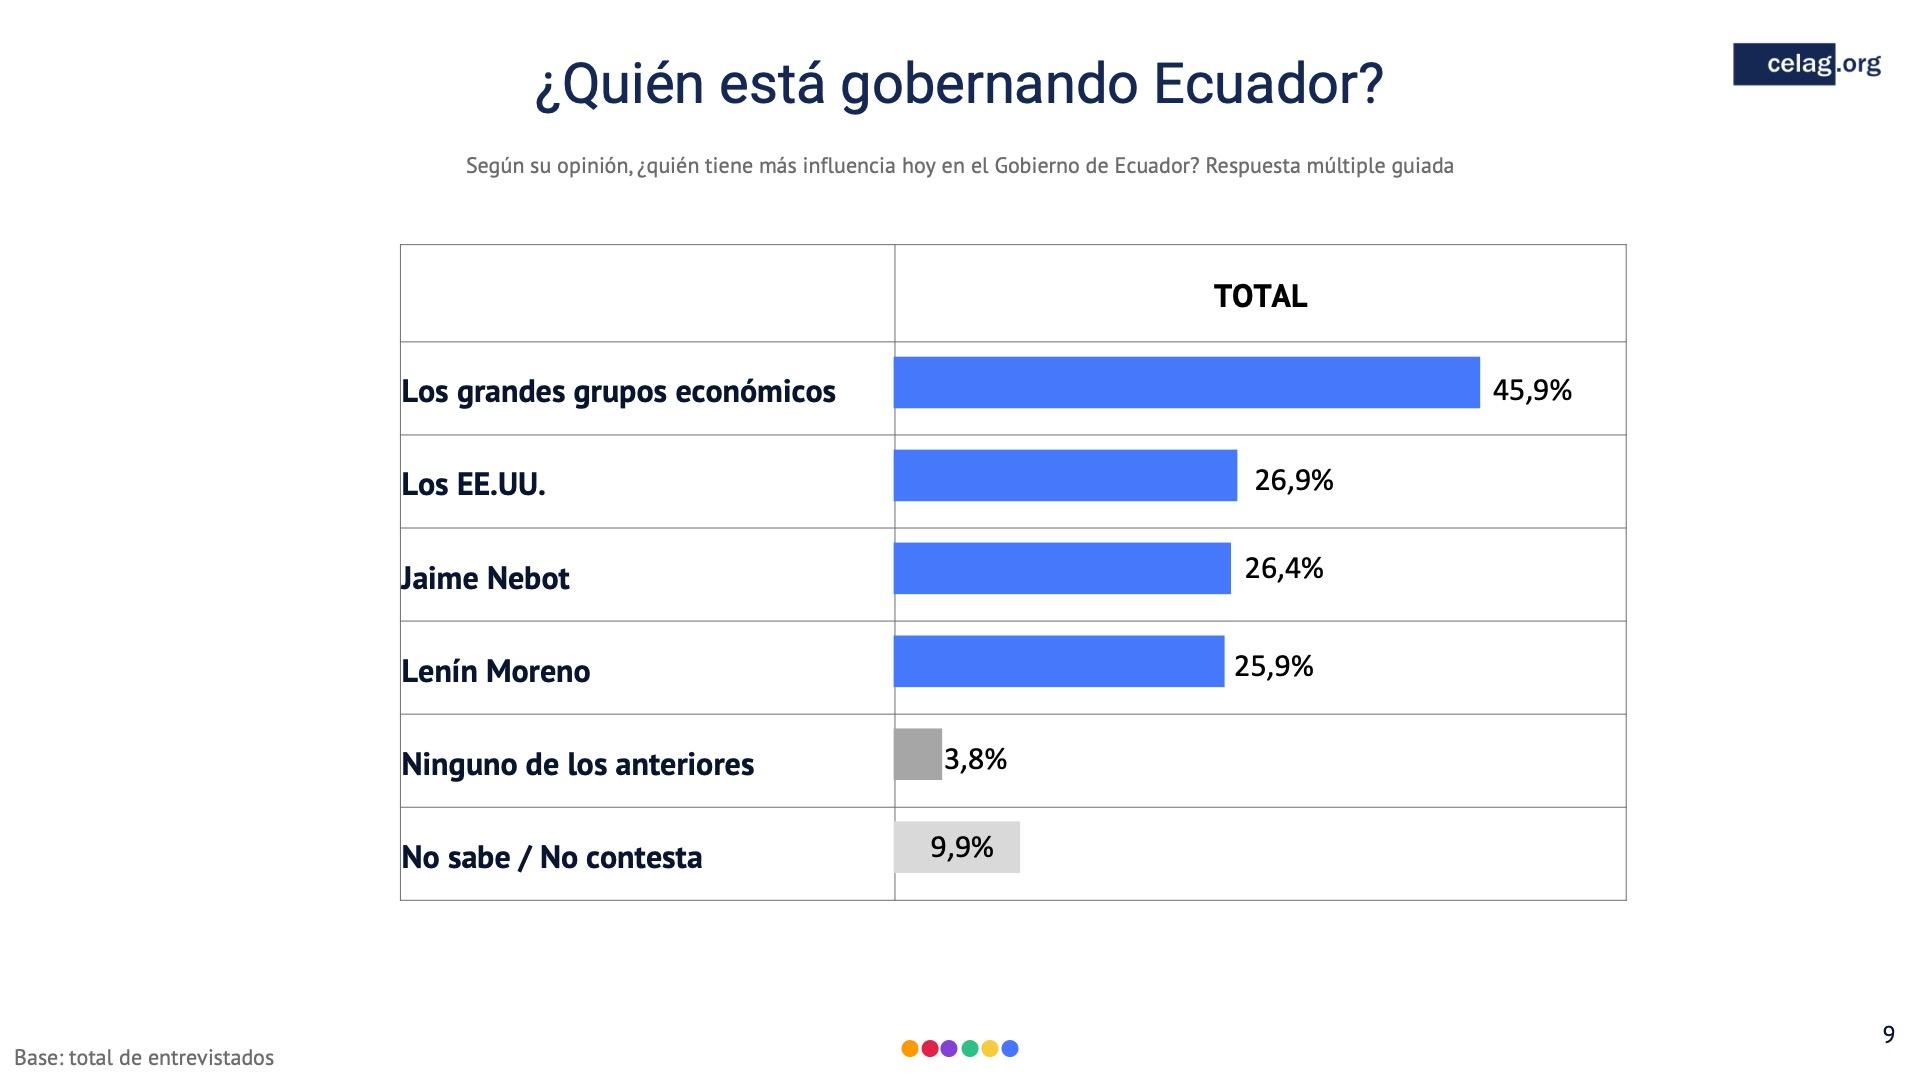 09 Quien gobierna Ecuador